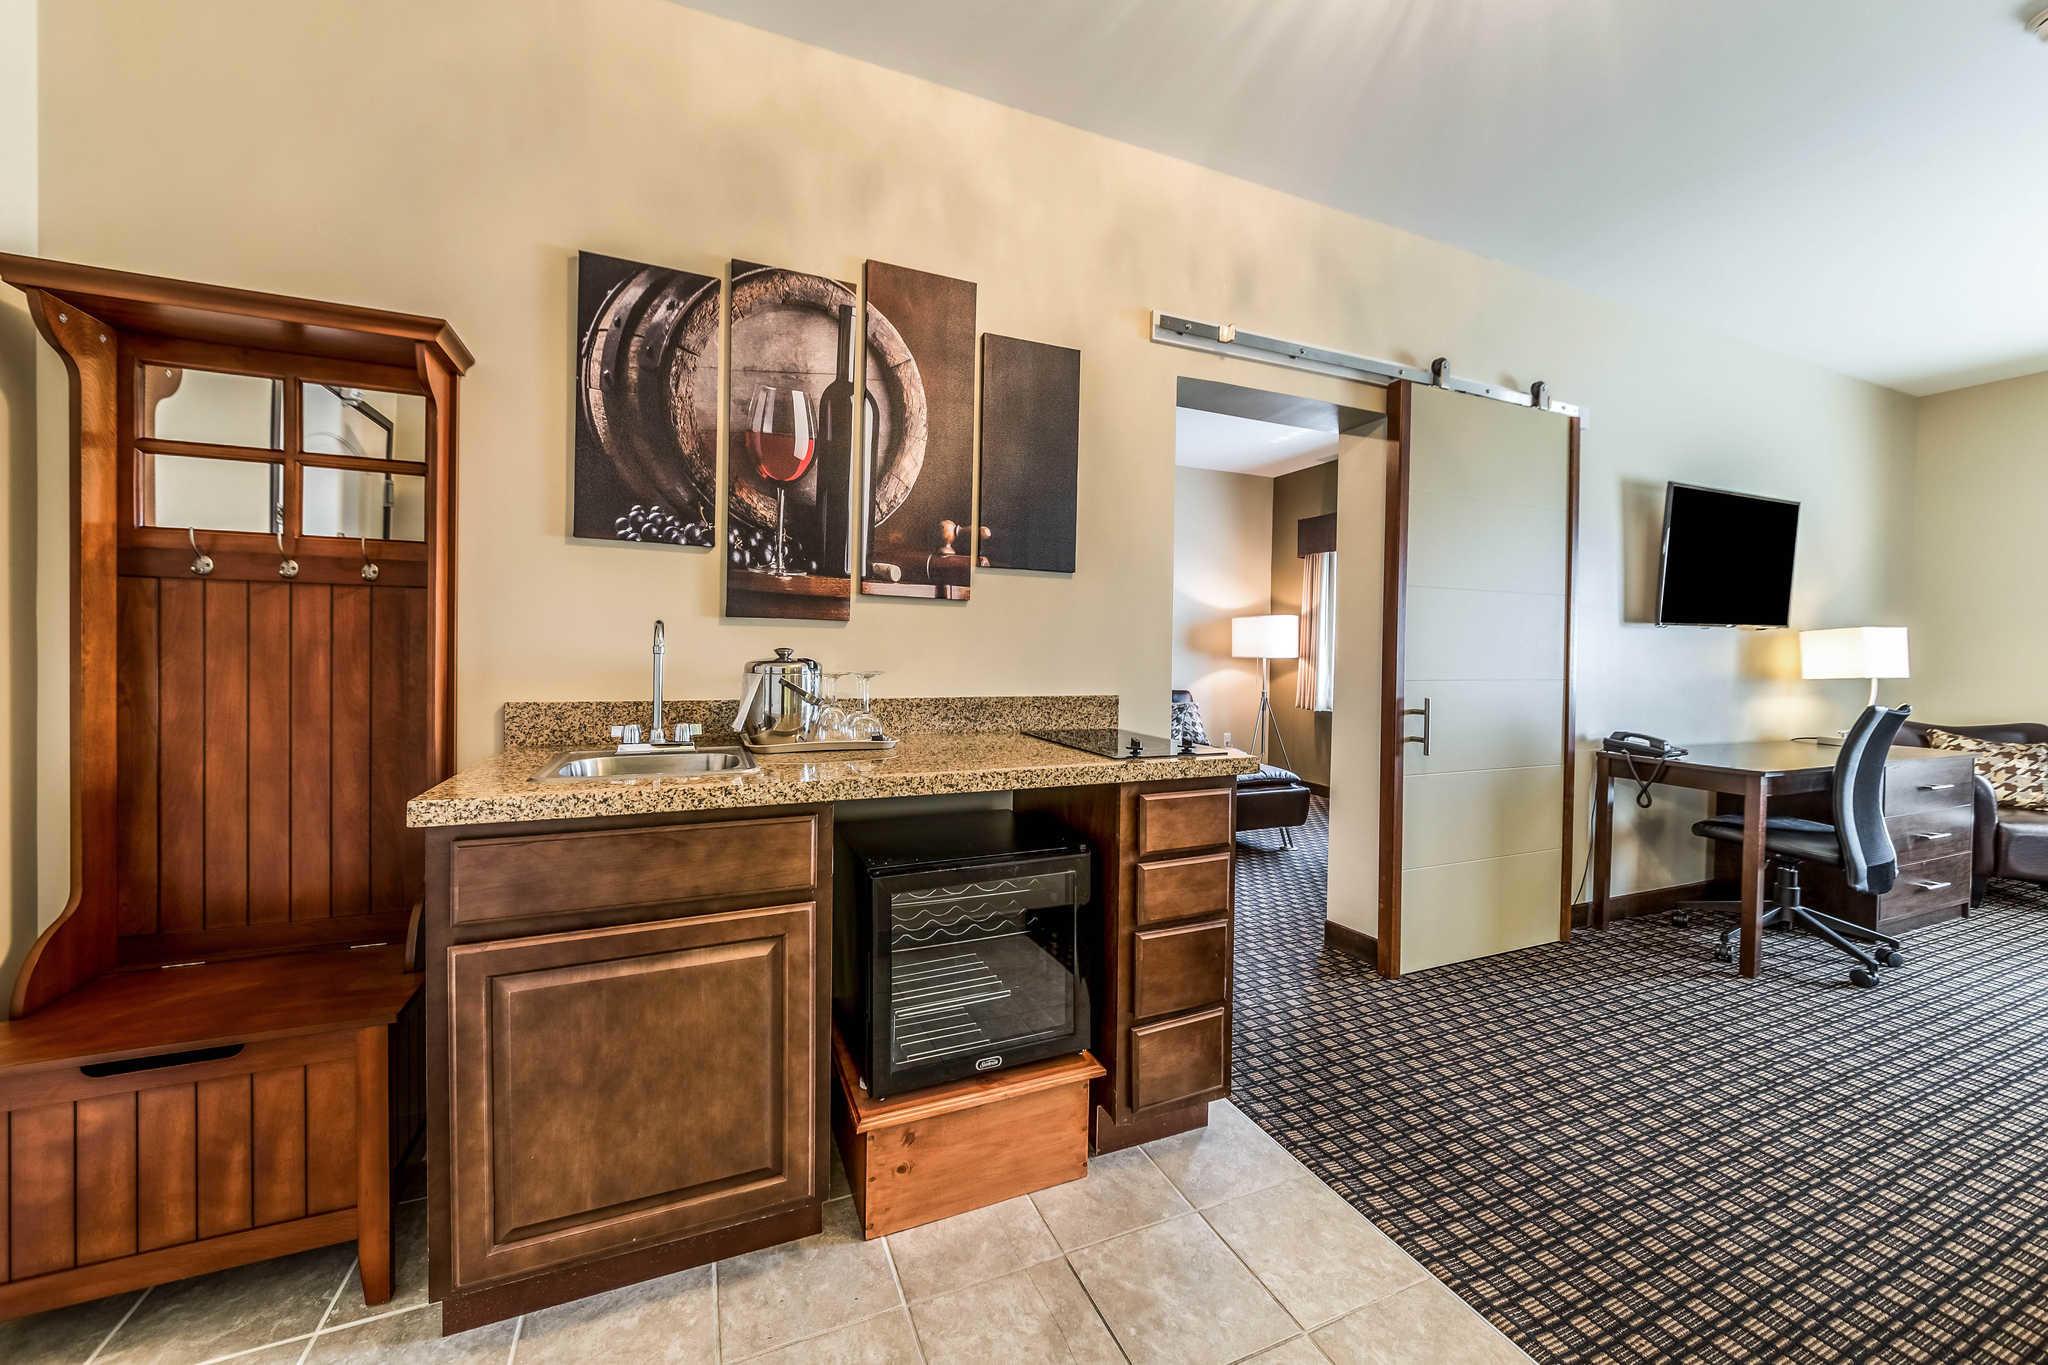 Comfort Inn & Suites Barnesville - Frackville image 15